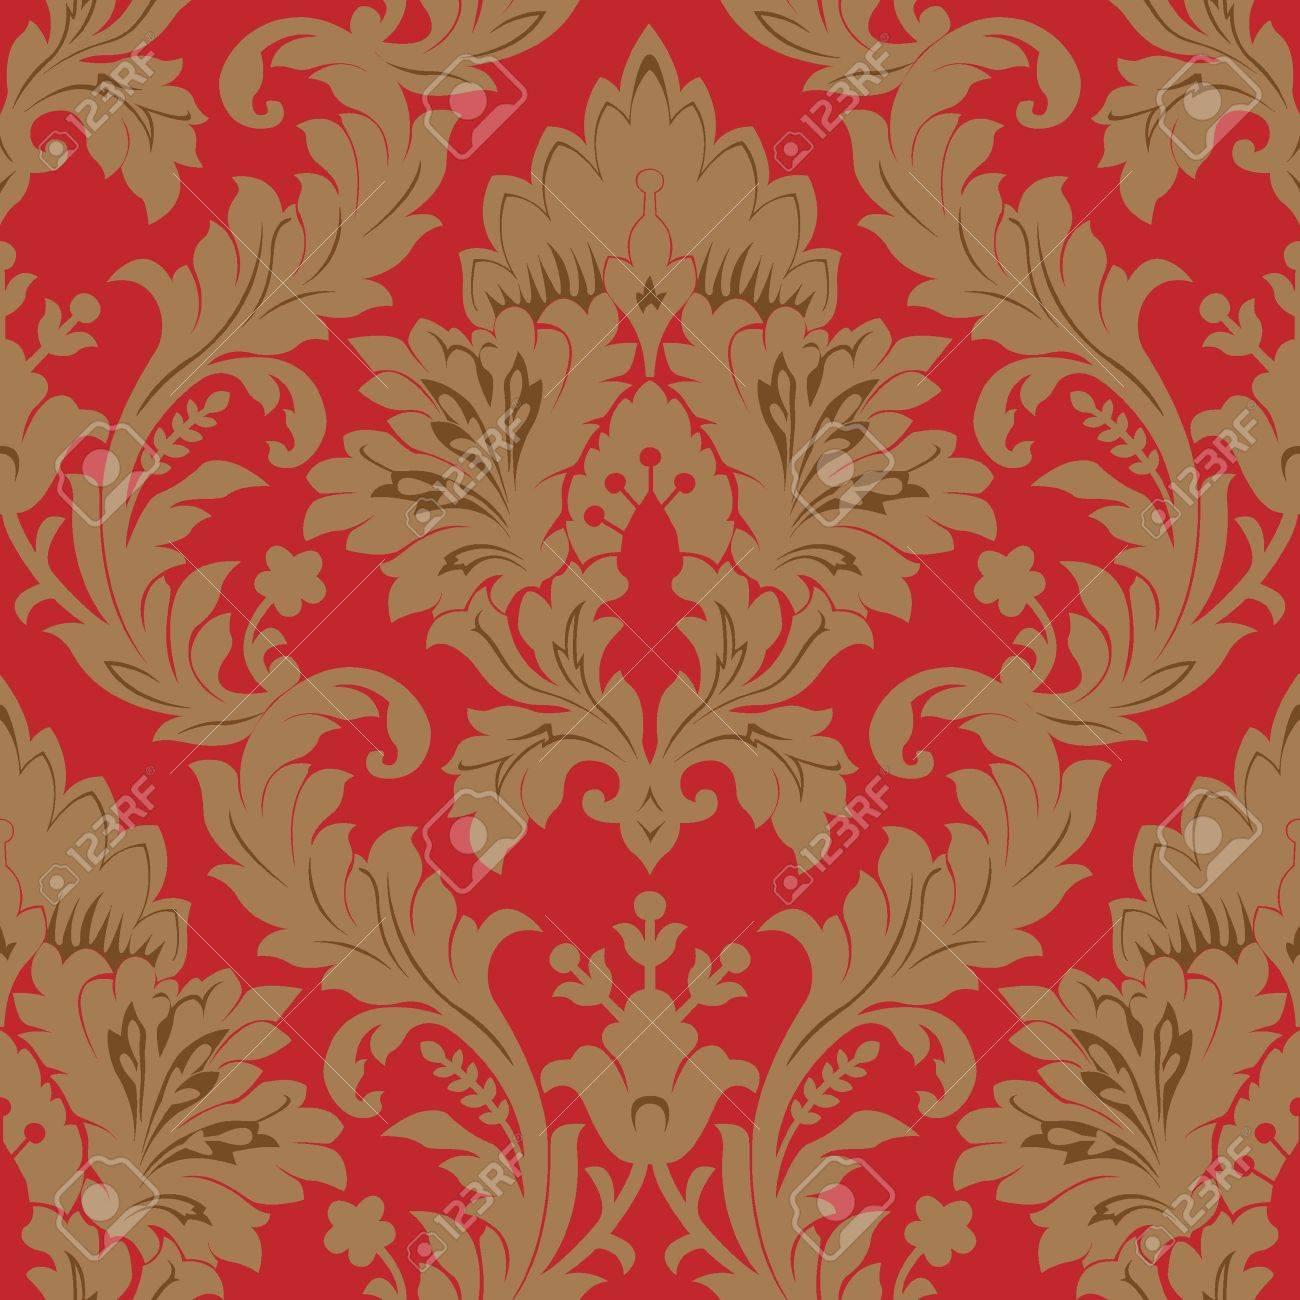 Seamless damask pattern Stock Photo - 6805340